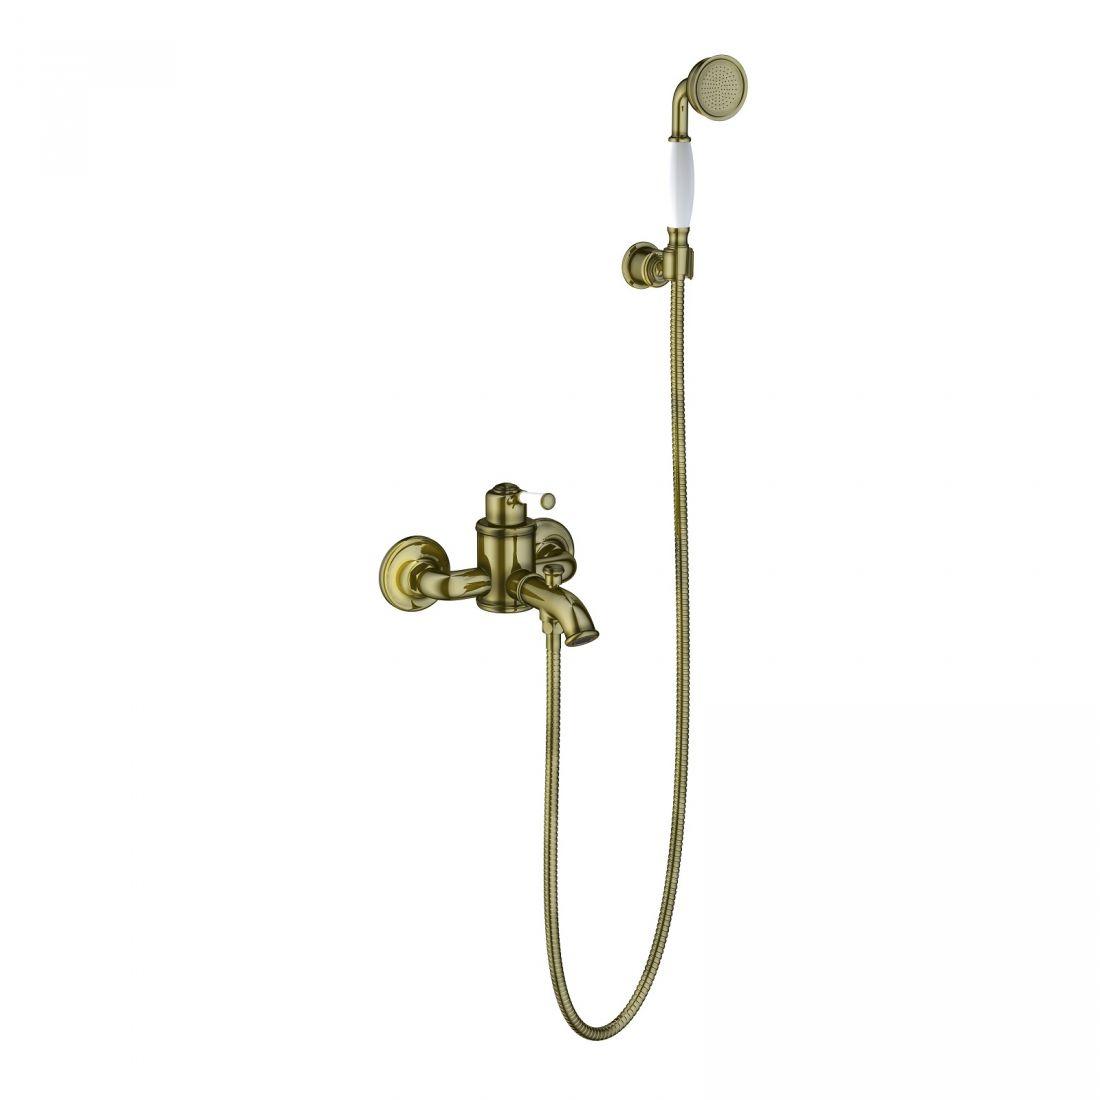 Смеситель для ванны с душем Timo Arisa (5314/02Y antique)